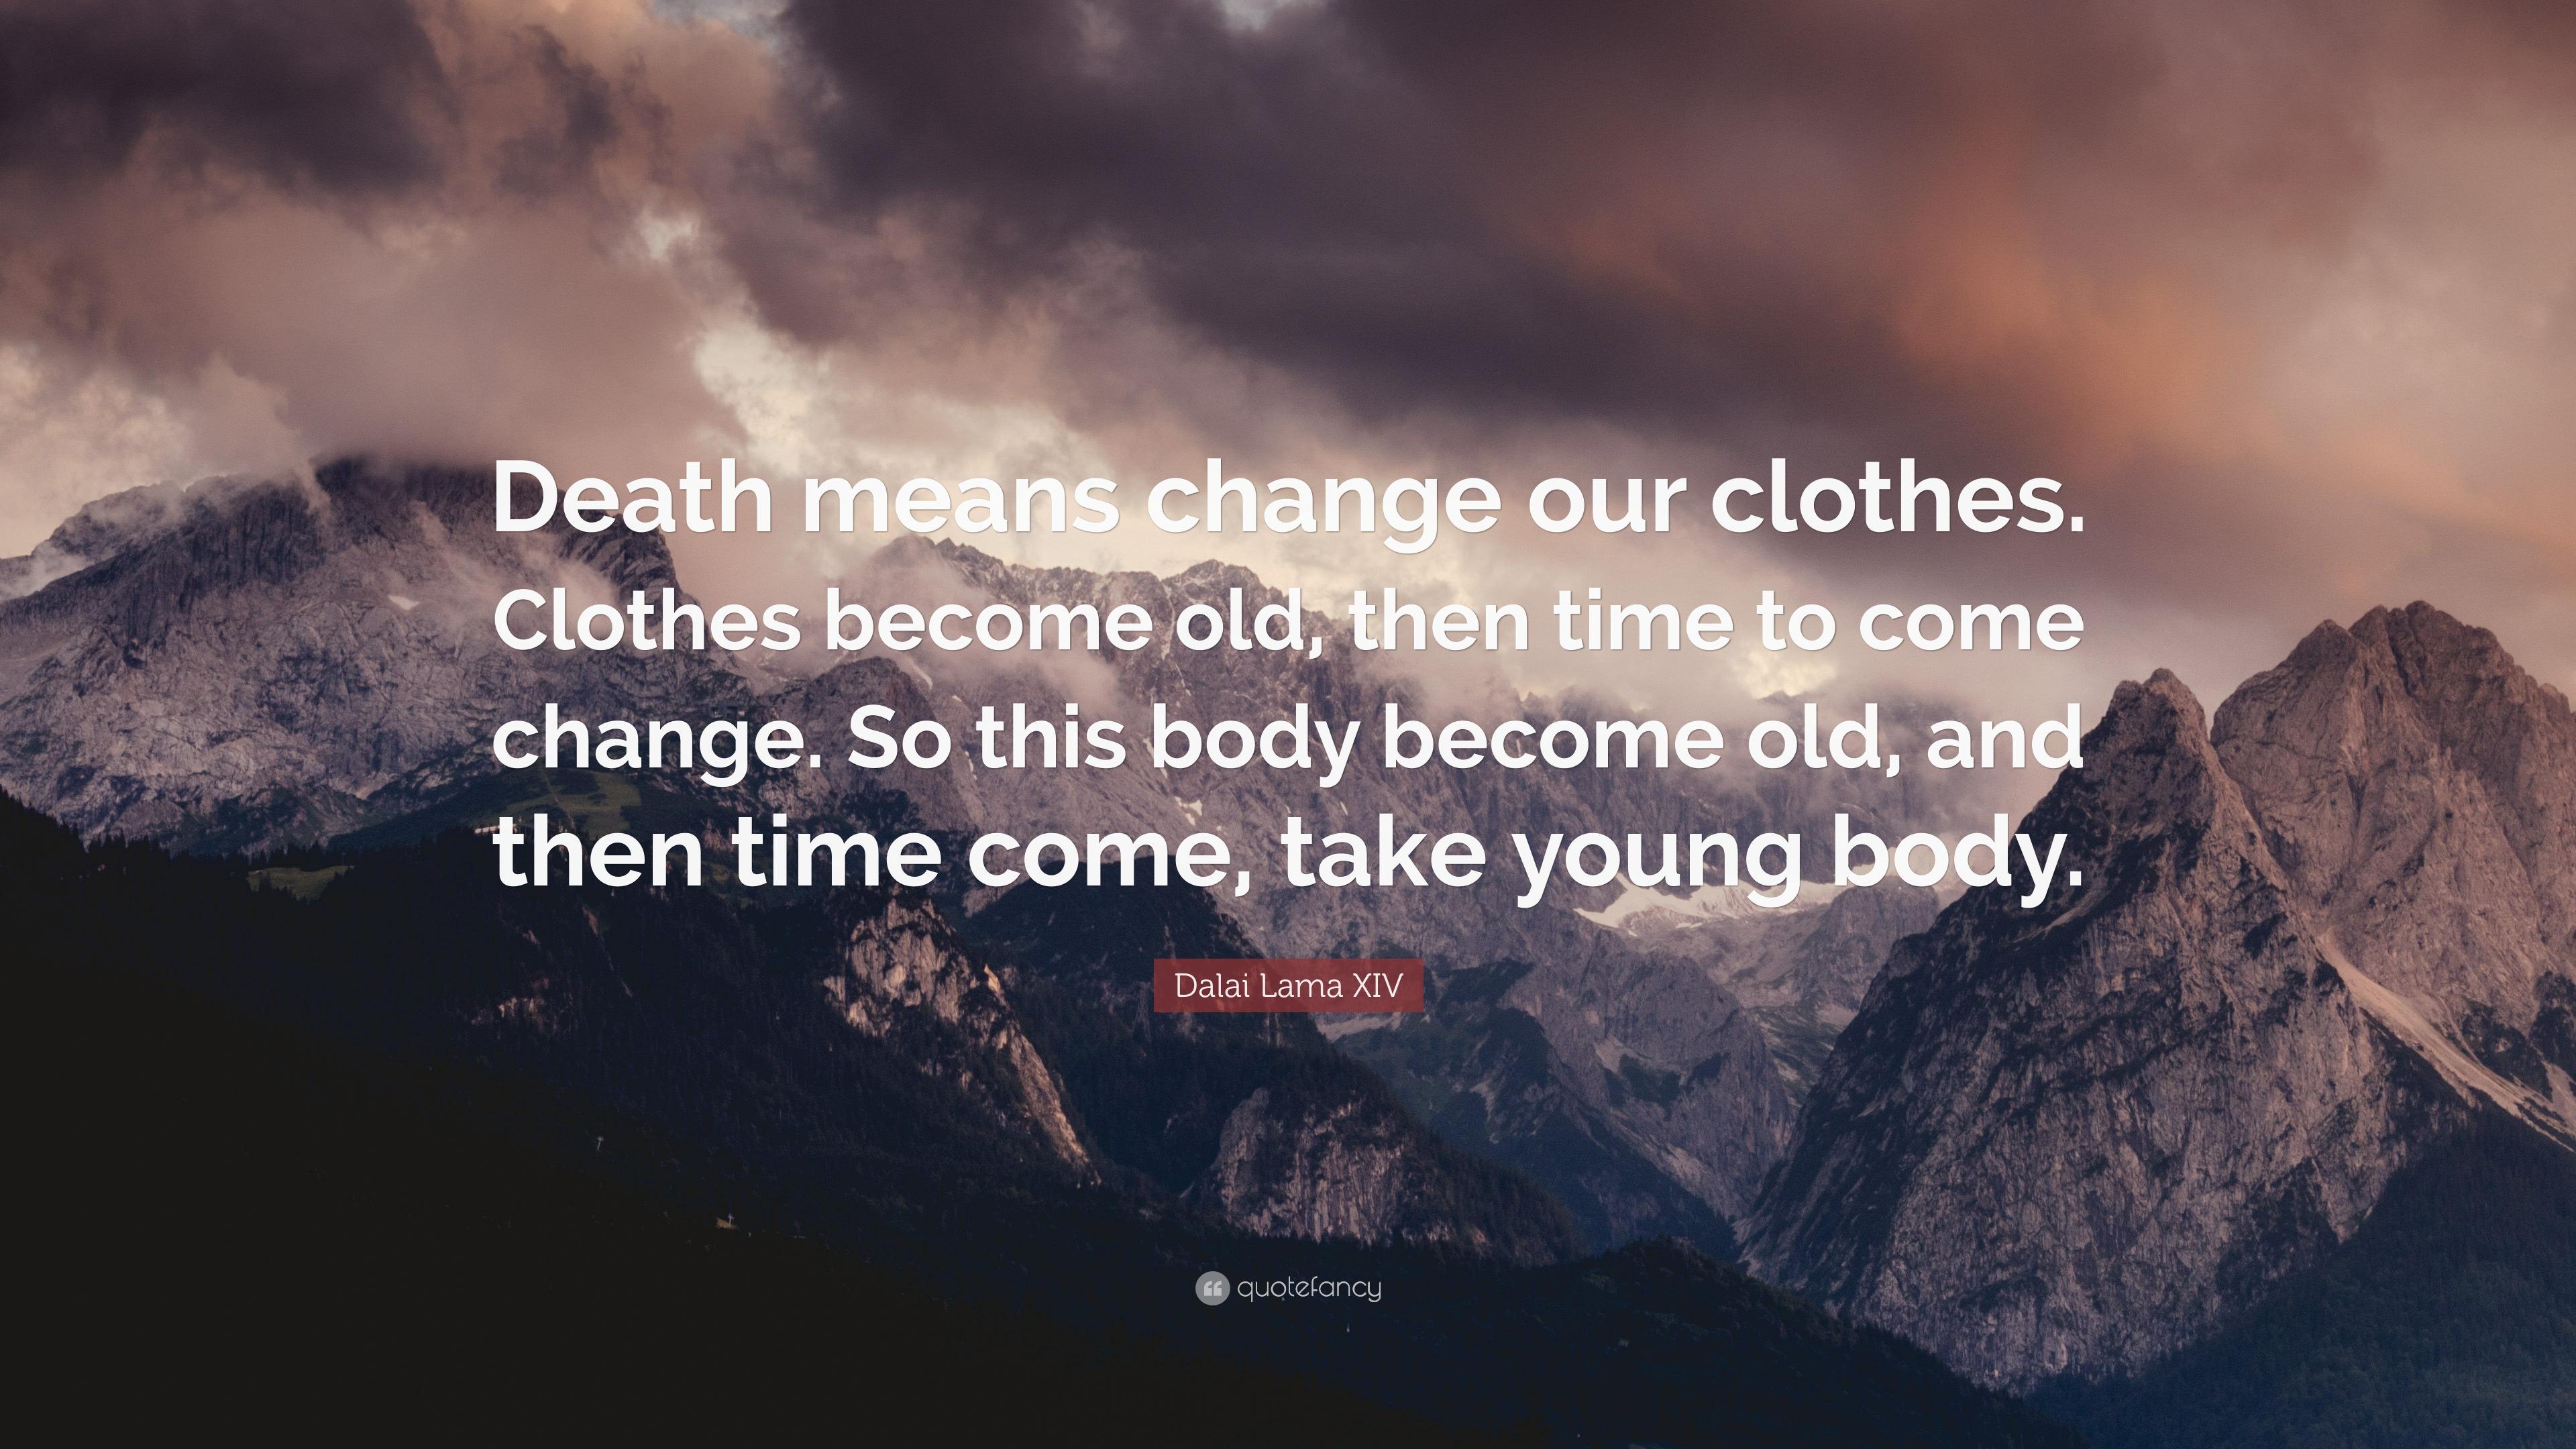 Dalai Lama Xiv Quote Death Means Change Our Clothes Clothes